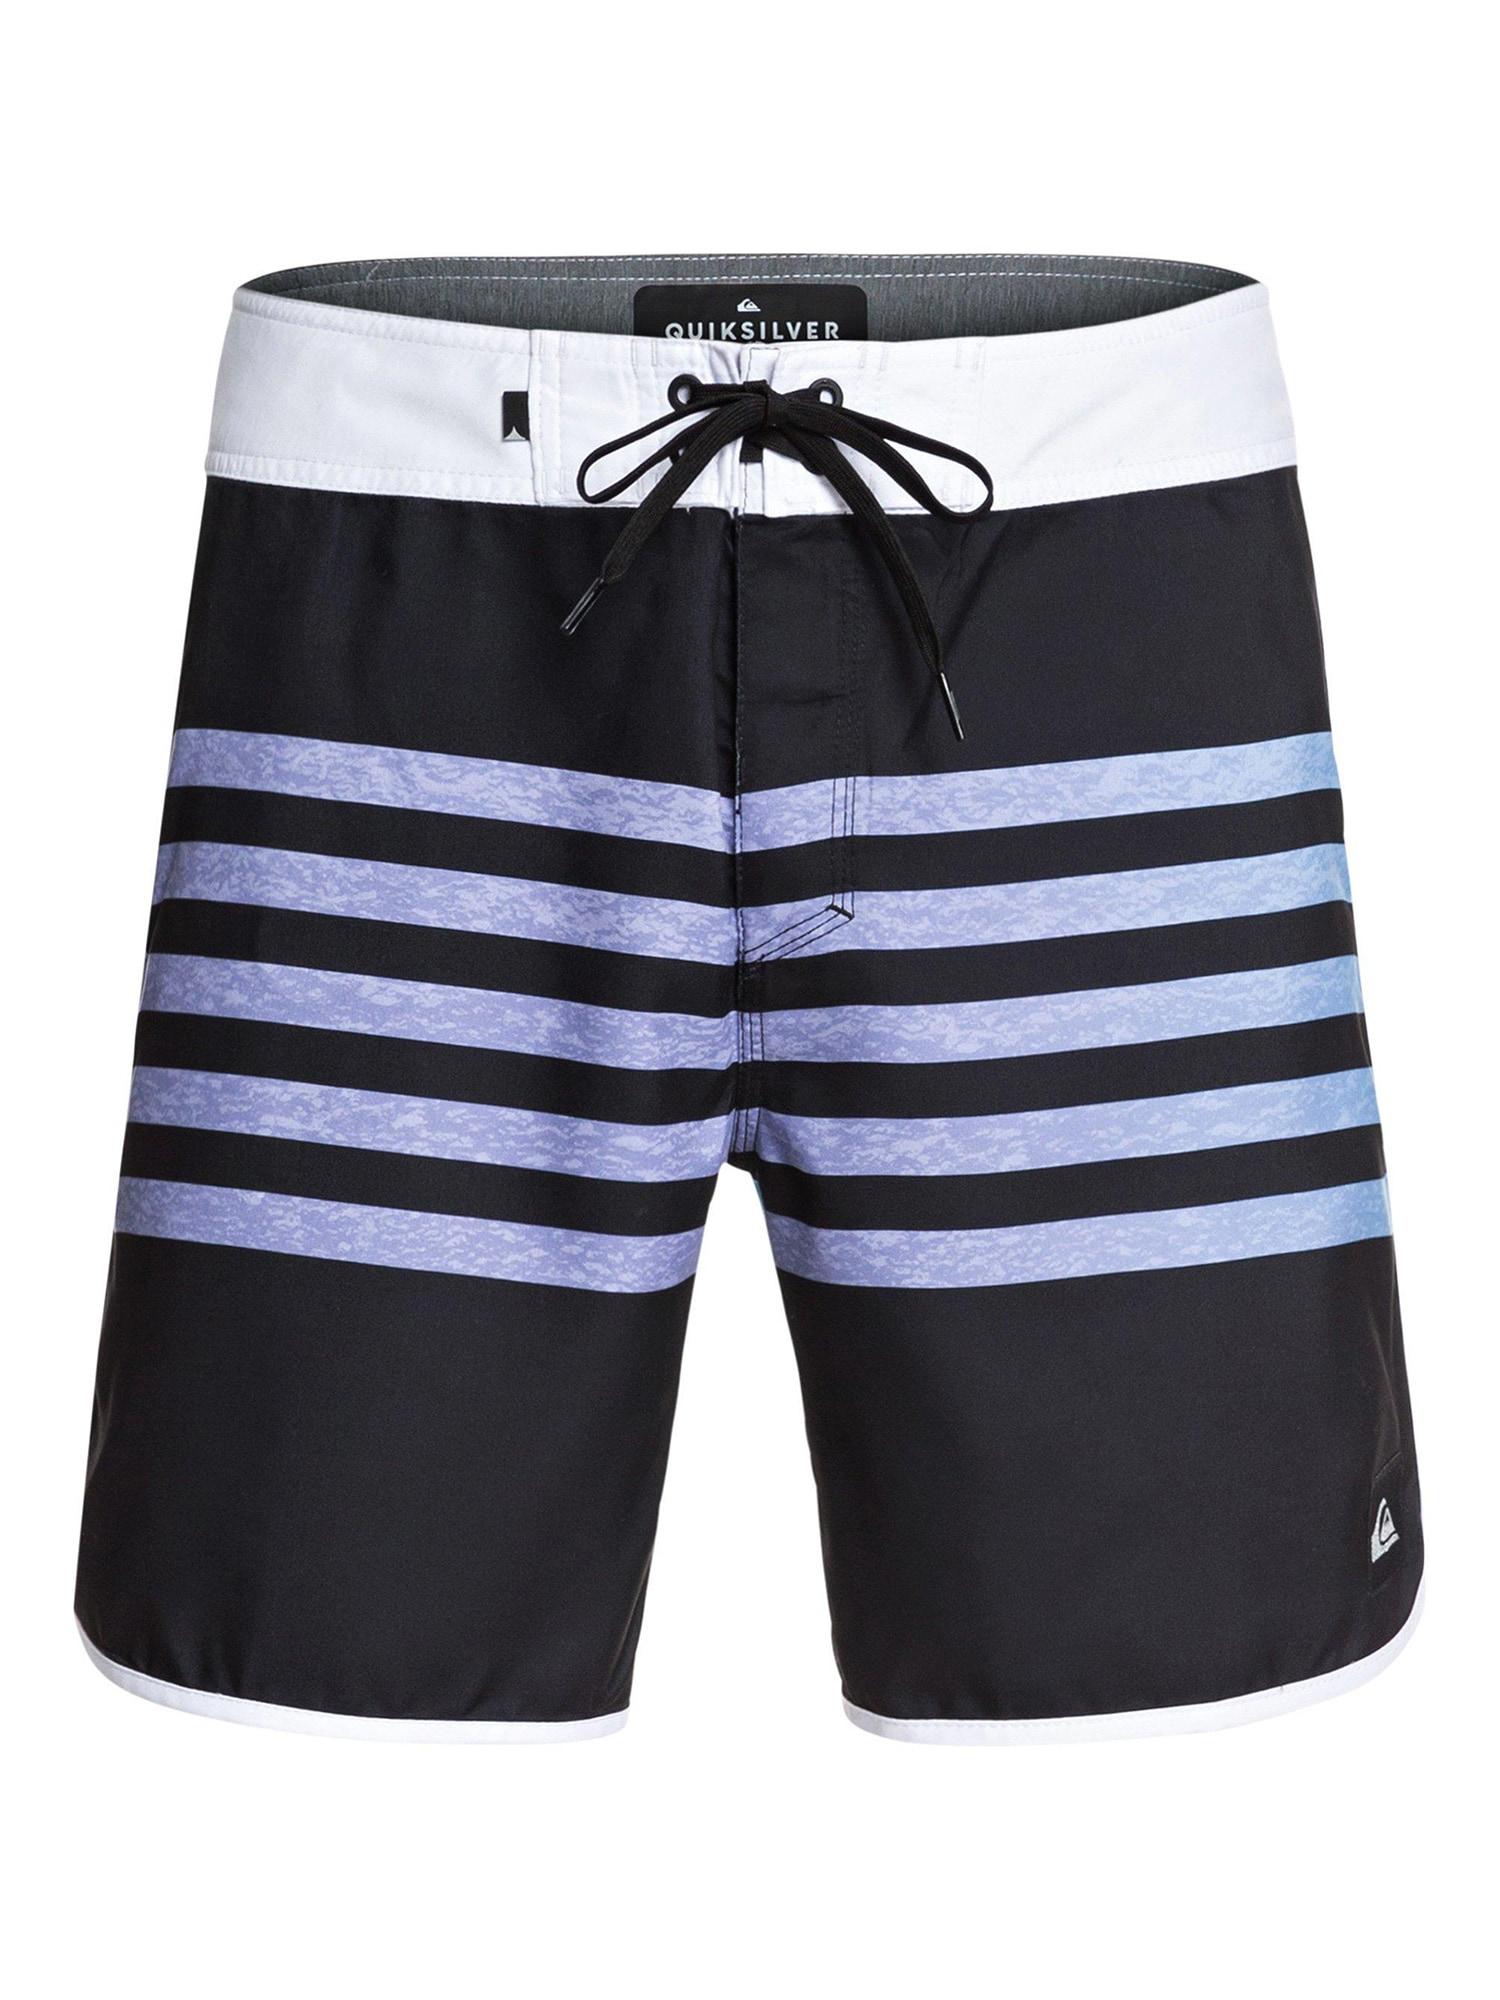 Sportovní plavky EVERYDAY GRASS ROOTS 17 modrá černá bílá QUIKSILVER